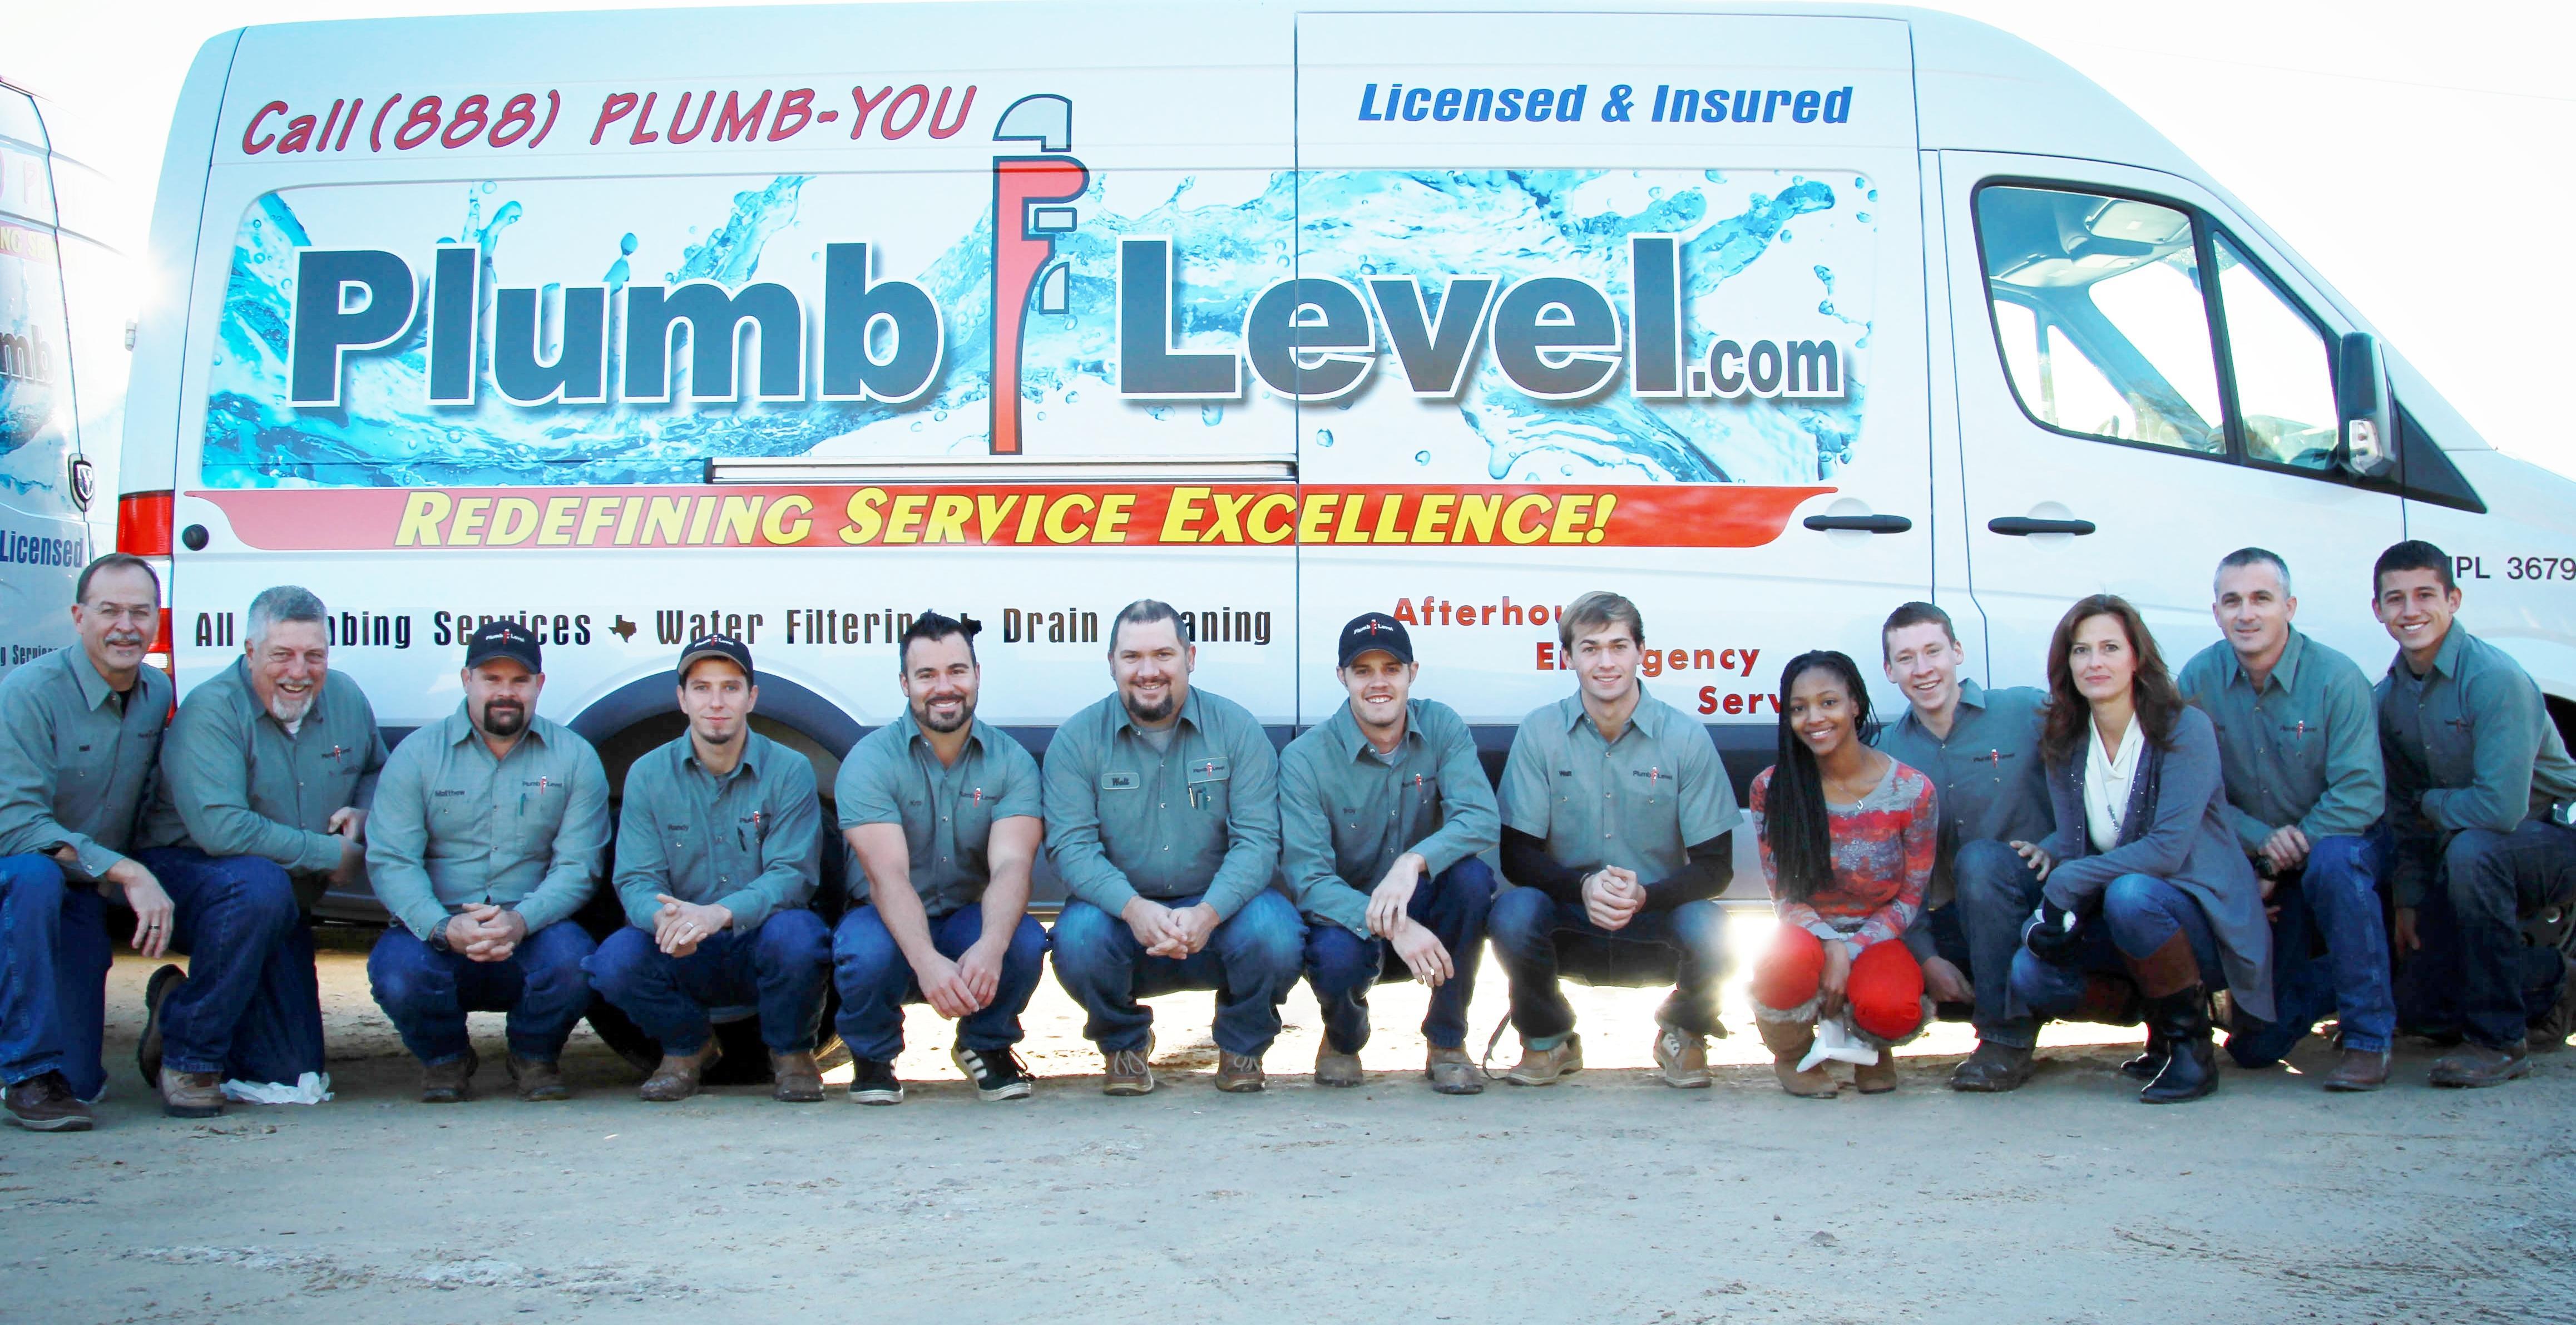 Plumb Level, LLC image 1